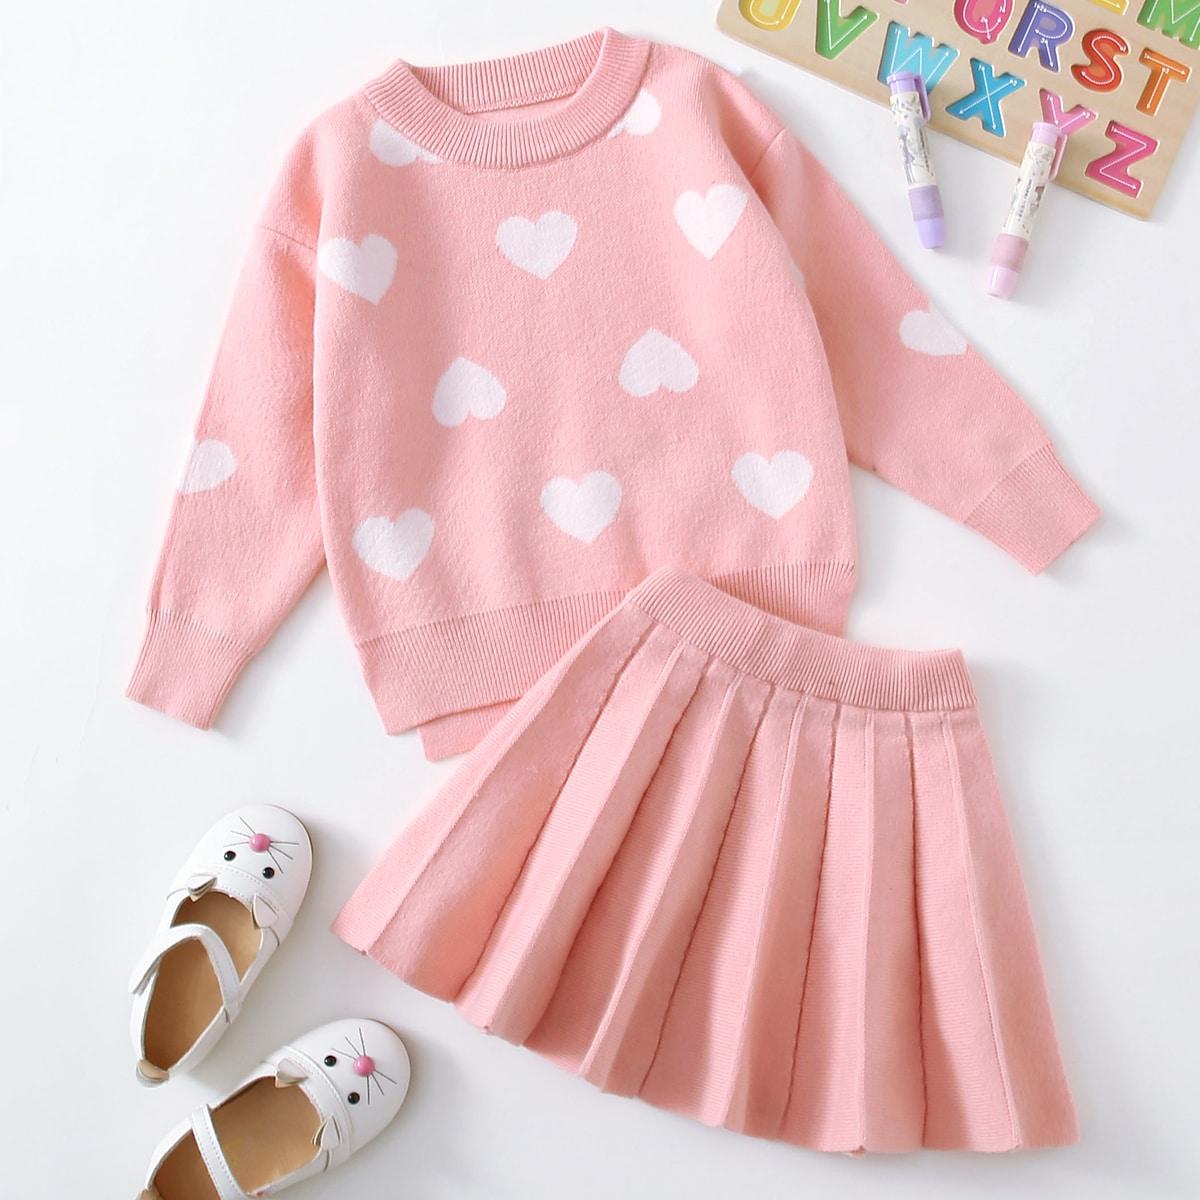 Свитер с принтом сердечка и плиссированная вязаная юбка для девочек